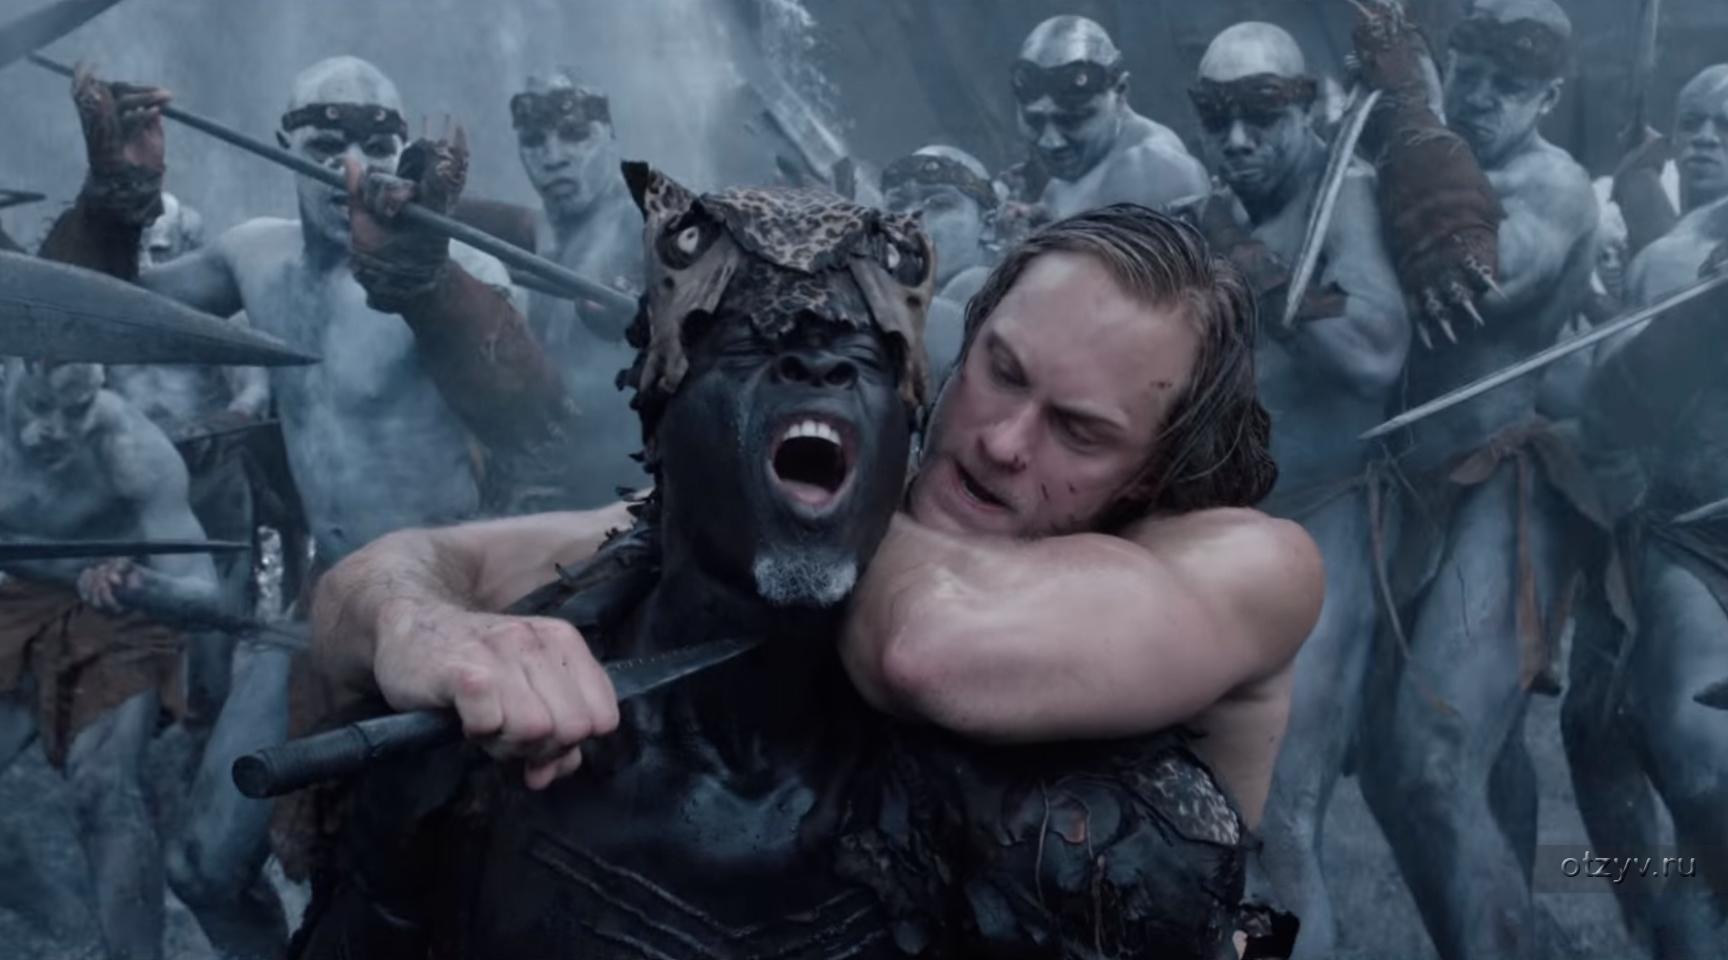 Бельгиец начинает расставлять хитрую ловушку и заманивать в нее главного героя… однако связь мужчины с джунглями слишком сильна… the-cinema.